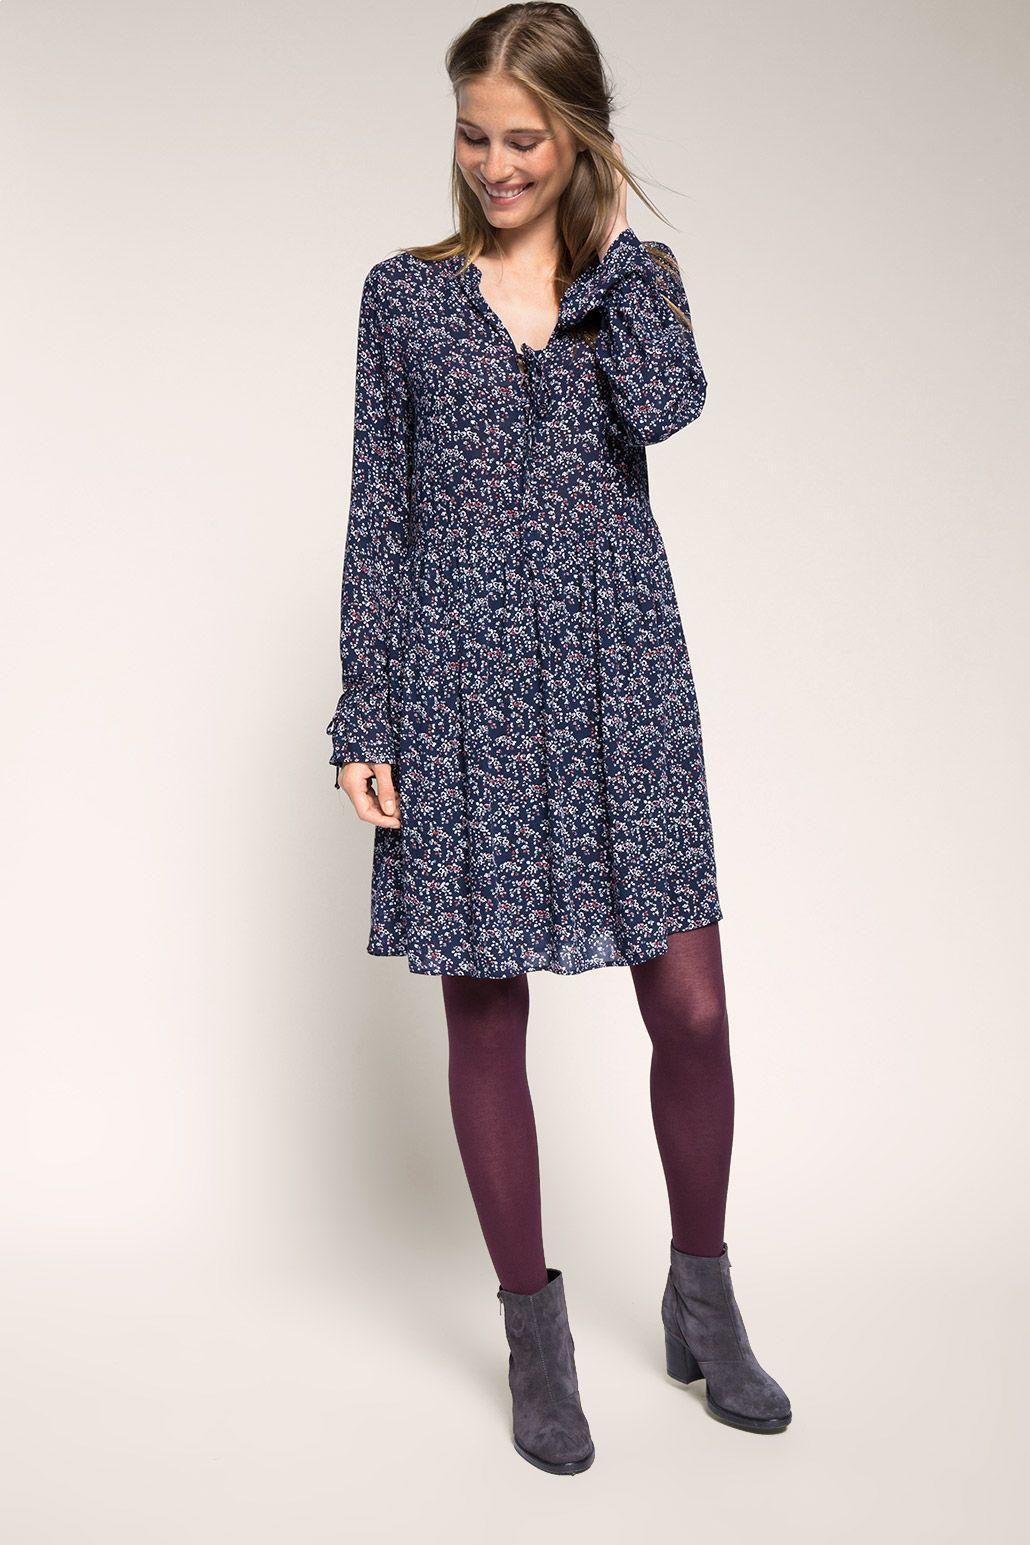 Hängerchen-Kleid mit Schnürung  Kleider damen, Damenkleider, Kleider